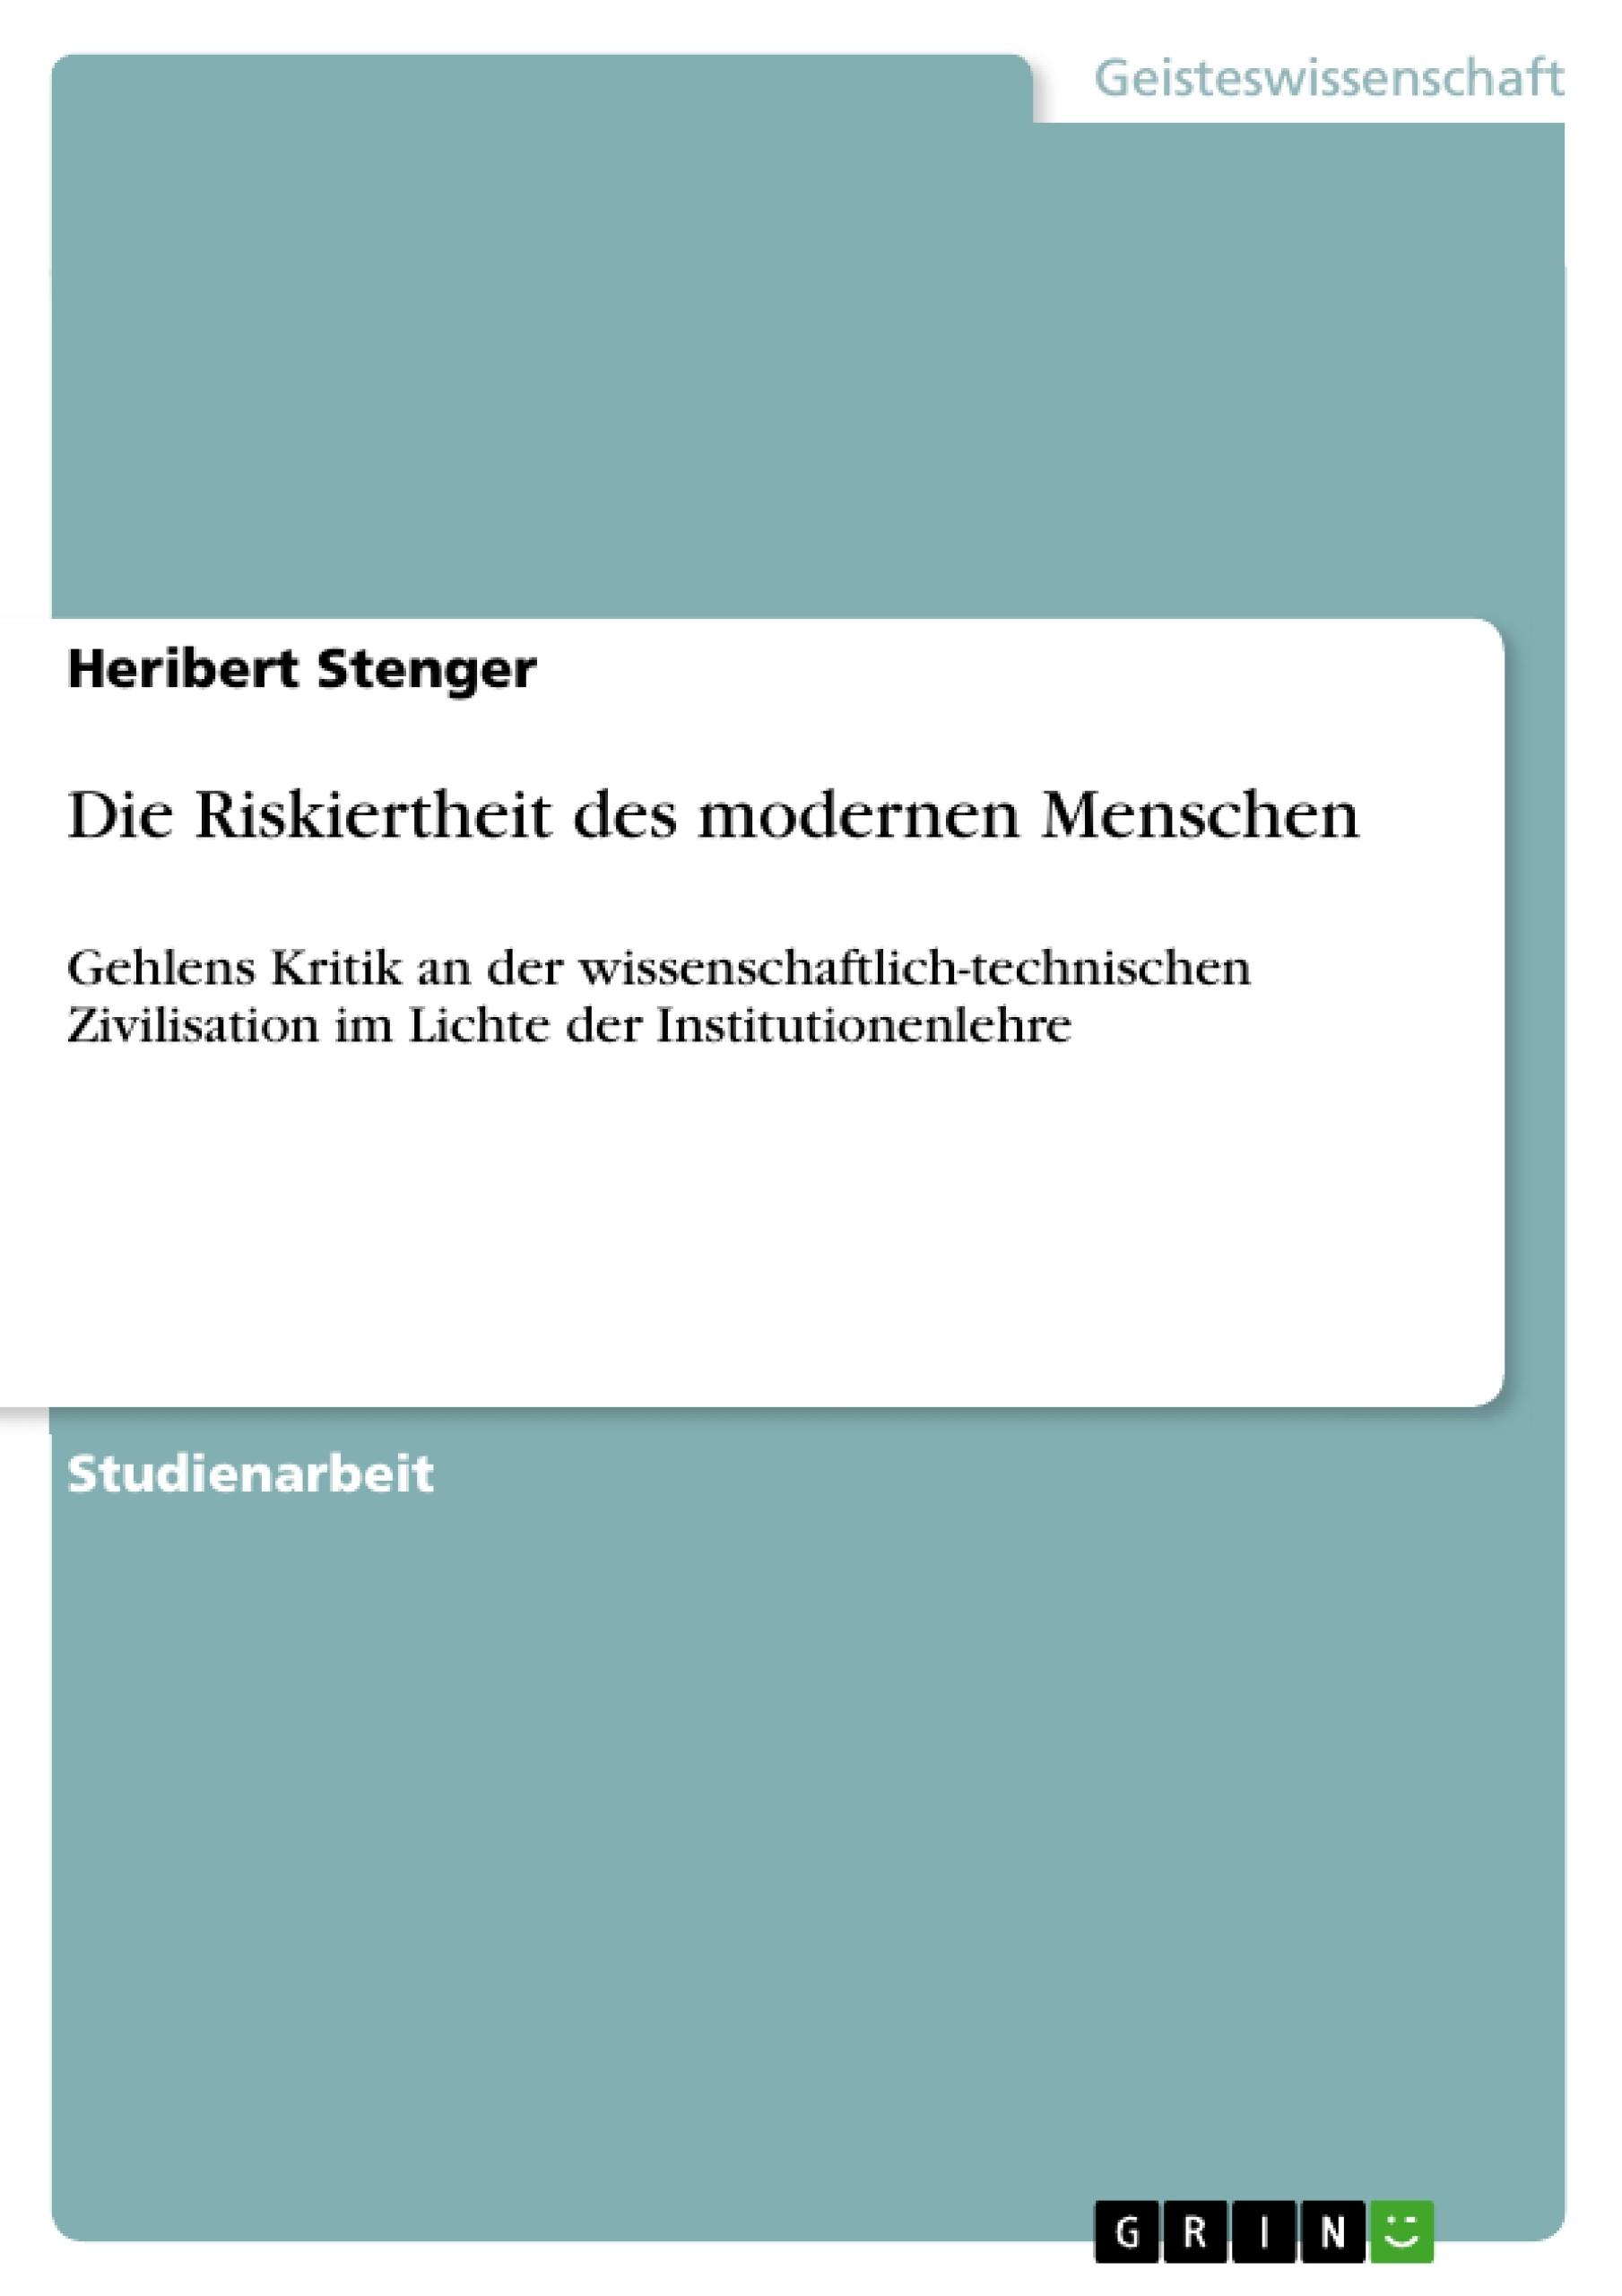 Titel: Die Riskiertheit des modernen Menschen